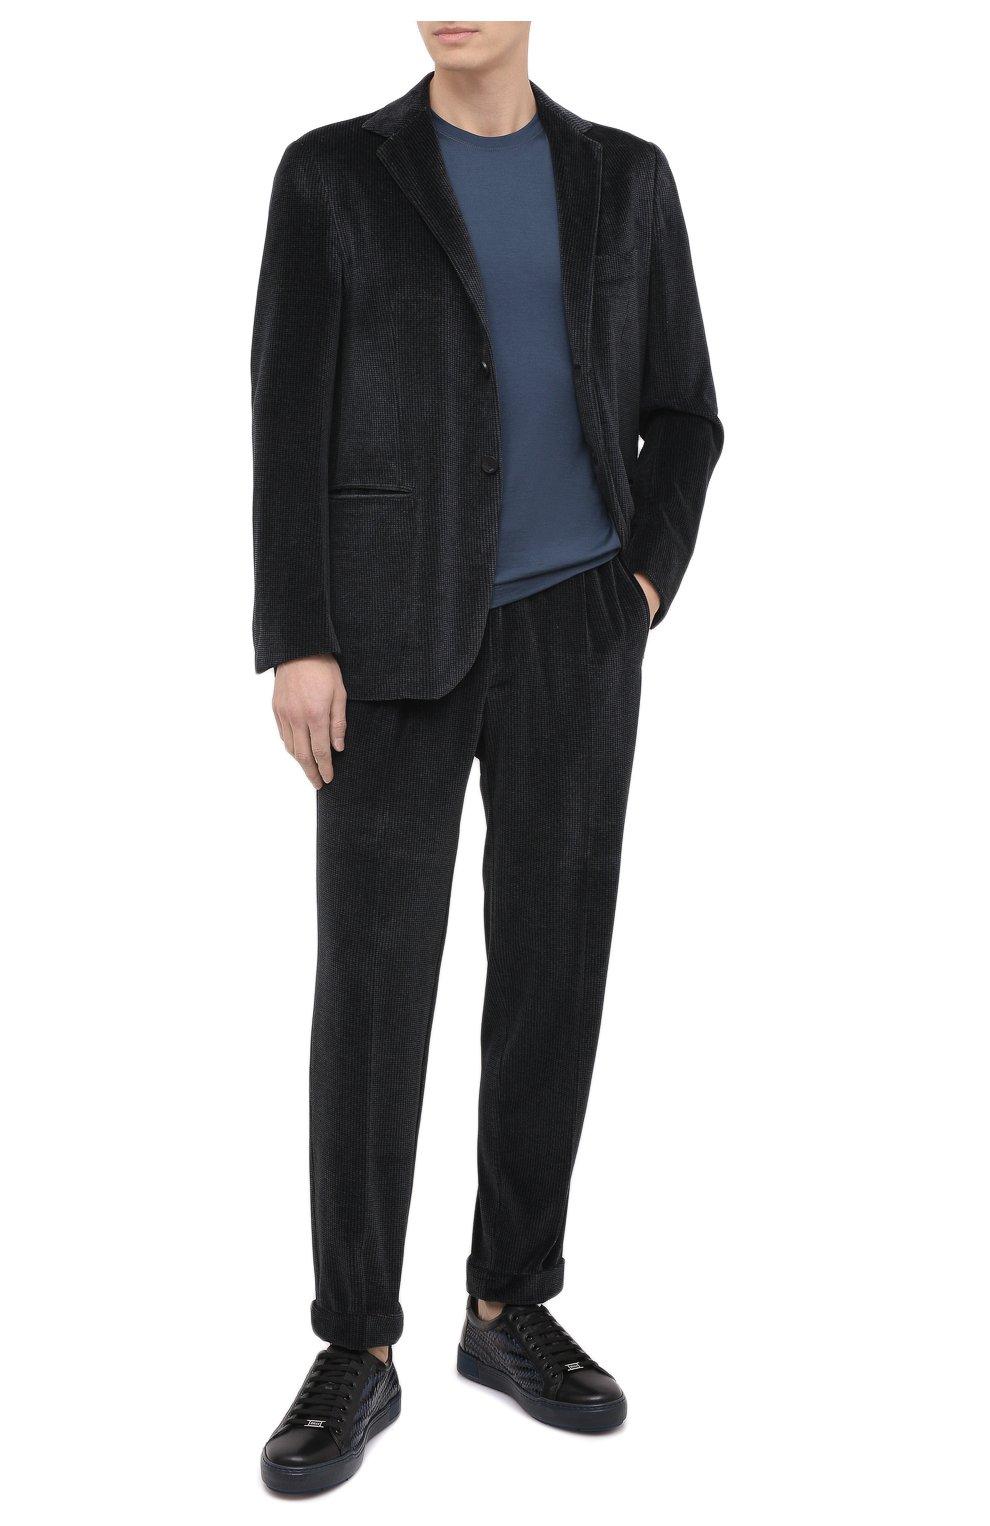 Мужской костюм KNT серого цвета, арт. UAS0101K01T28 | Фото 1 (Рукава: Длинные; Костюмы М: Однобортный; Материал внешний: Синтетический материал, Хлопок; Материал подклада: Купро; Стили: Кэжуэл)